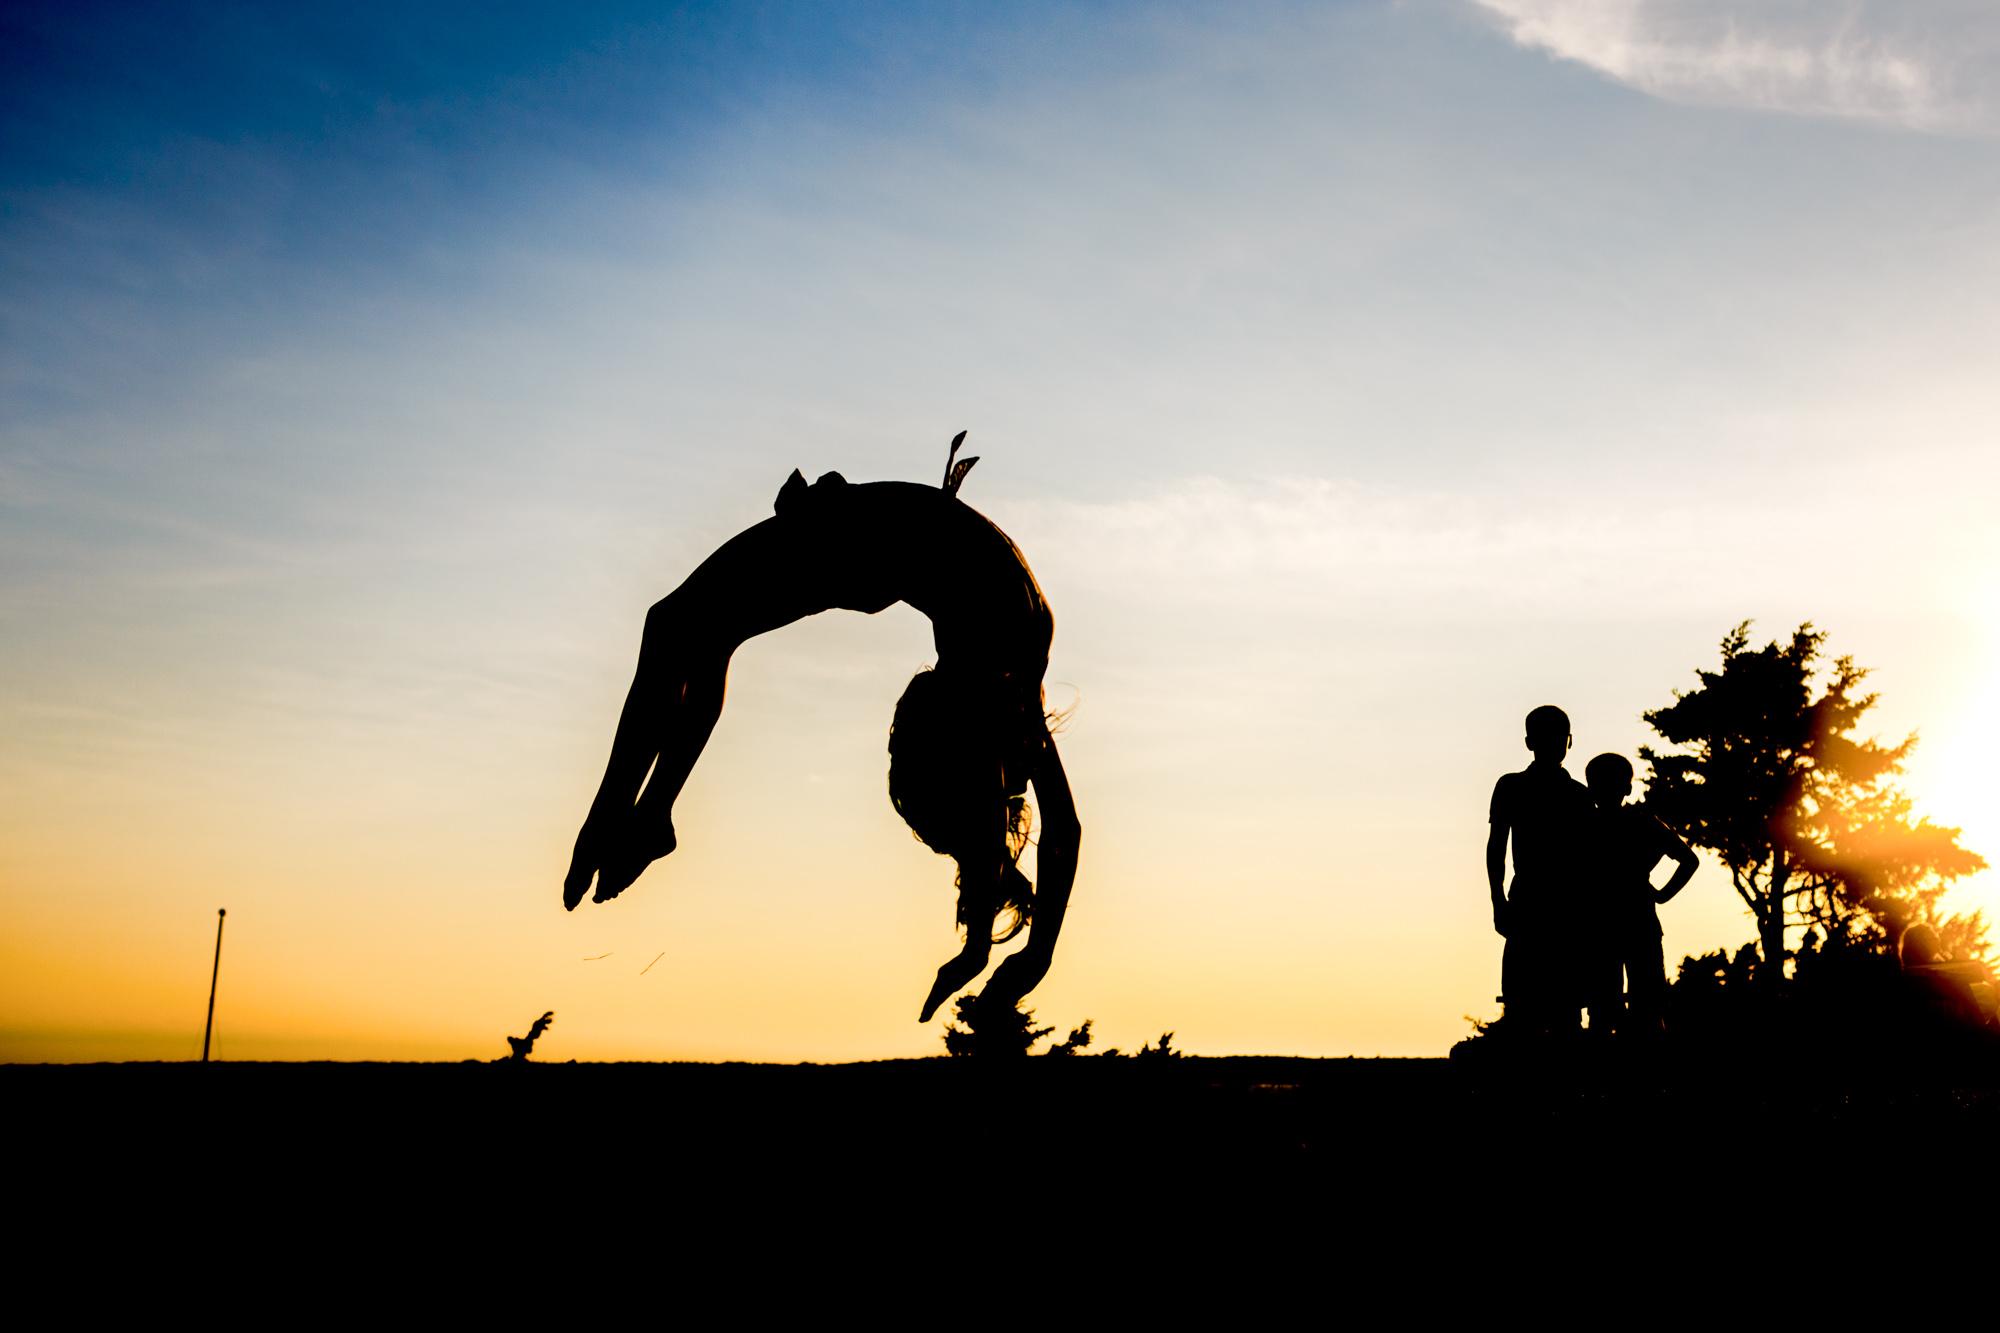 silhouette of girl doing back flip